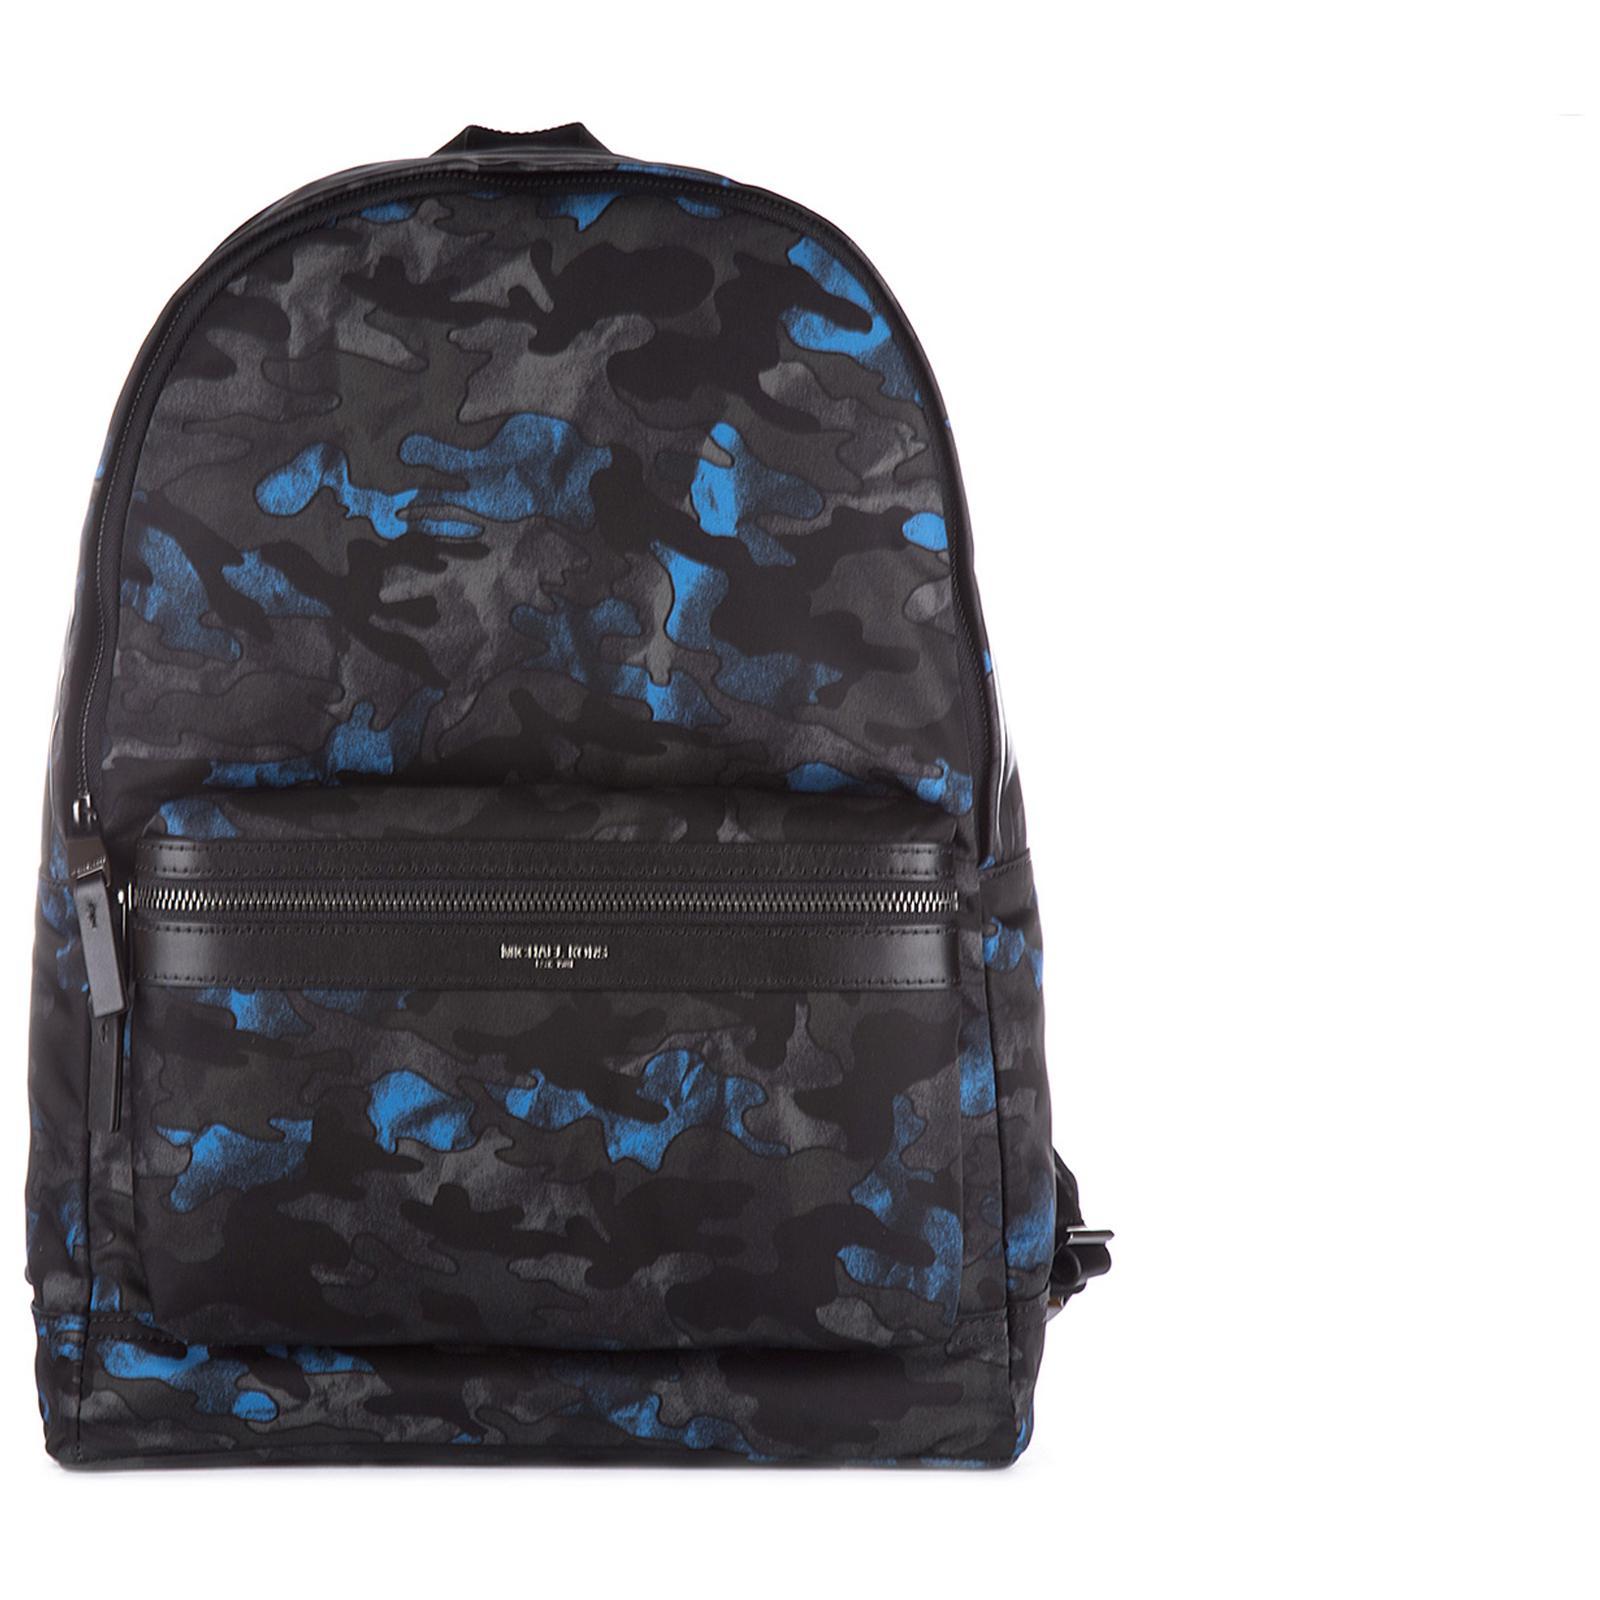 853b1196c105 Lyst - Michael Kors Nylon Rucksack Backpack Travel Kent